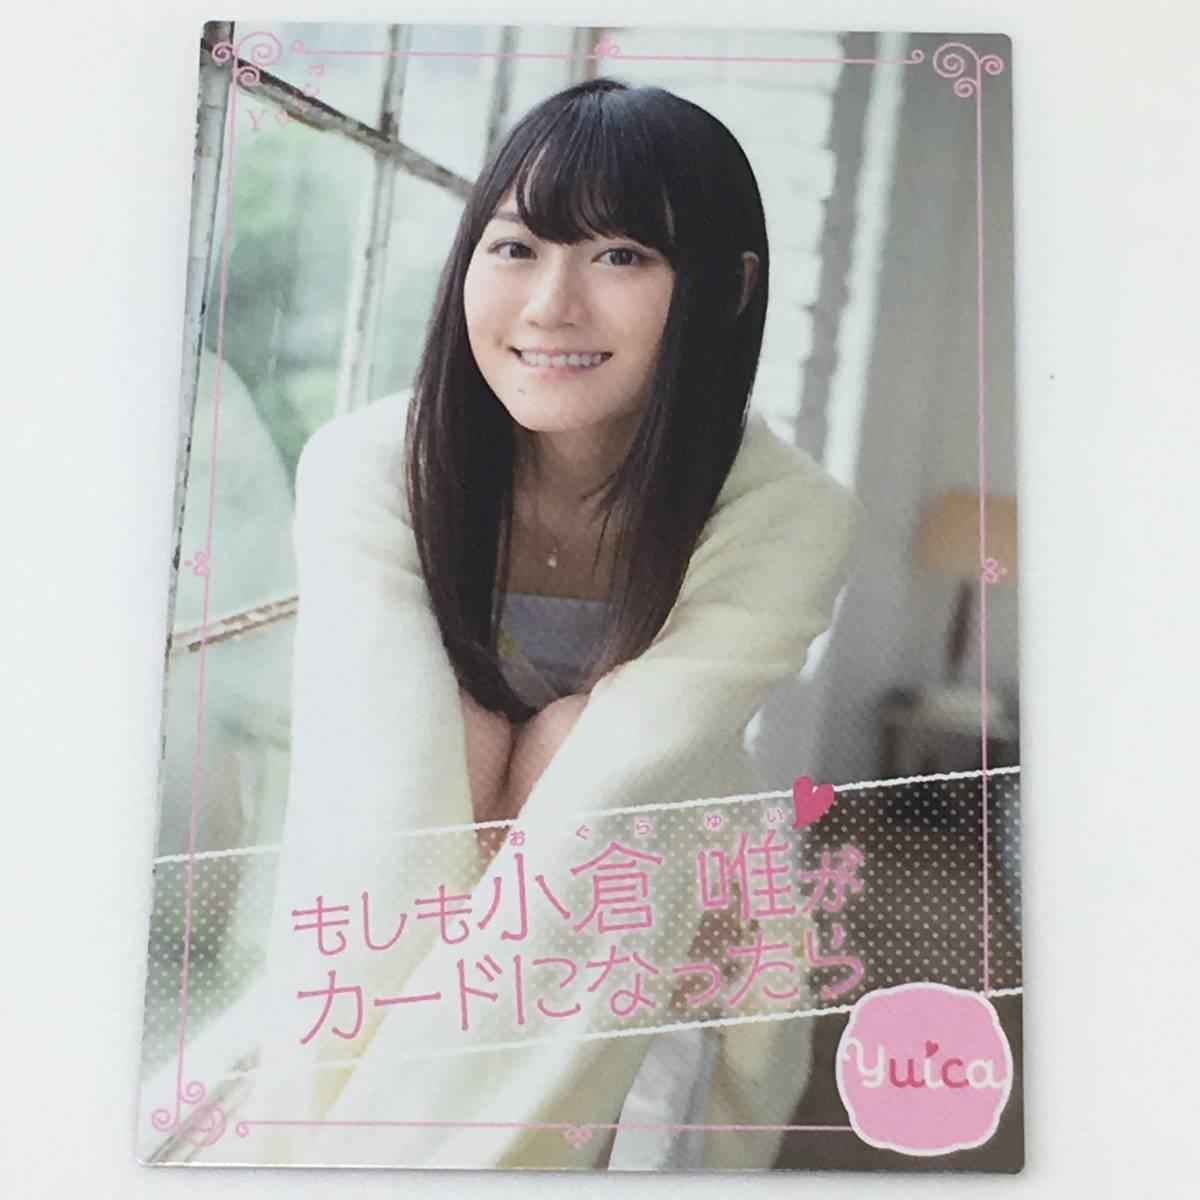 AnimeJapan 2019 アニメジャパン 非売品 もしも小倉唯がカードになったら yuica 2枚      (Anime Japan グッズ カード AJ2019_画像2